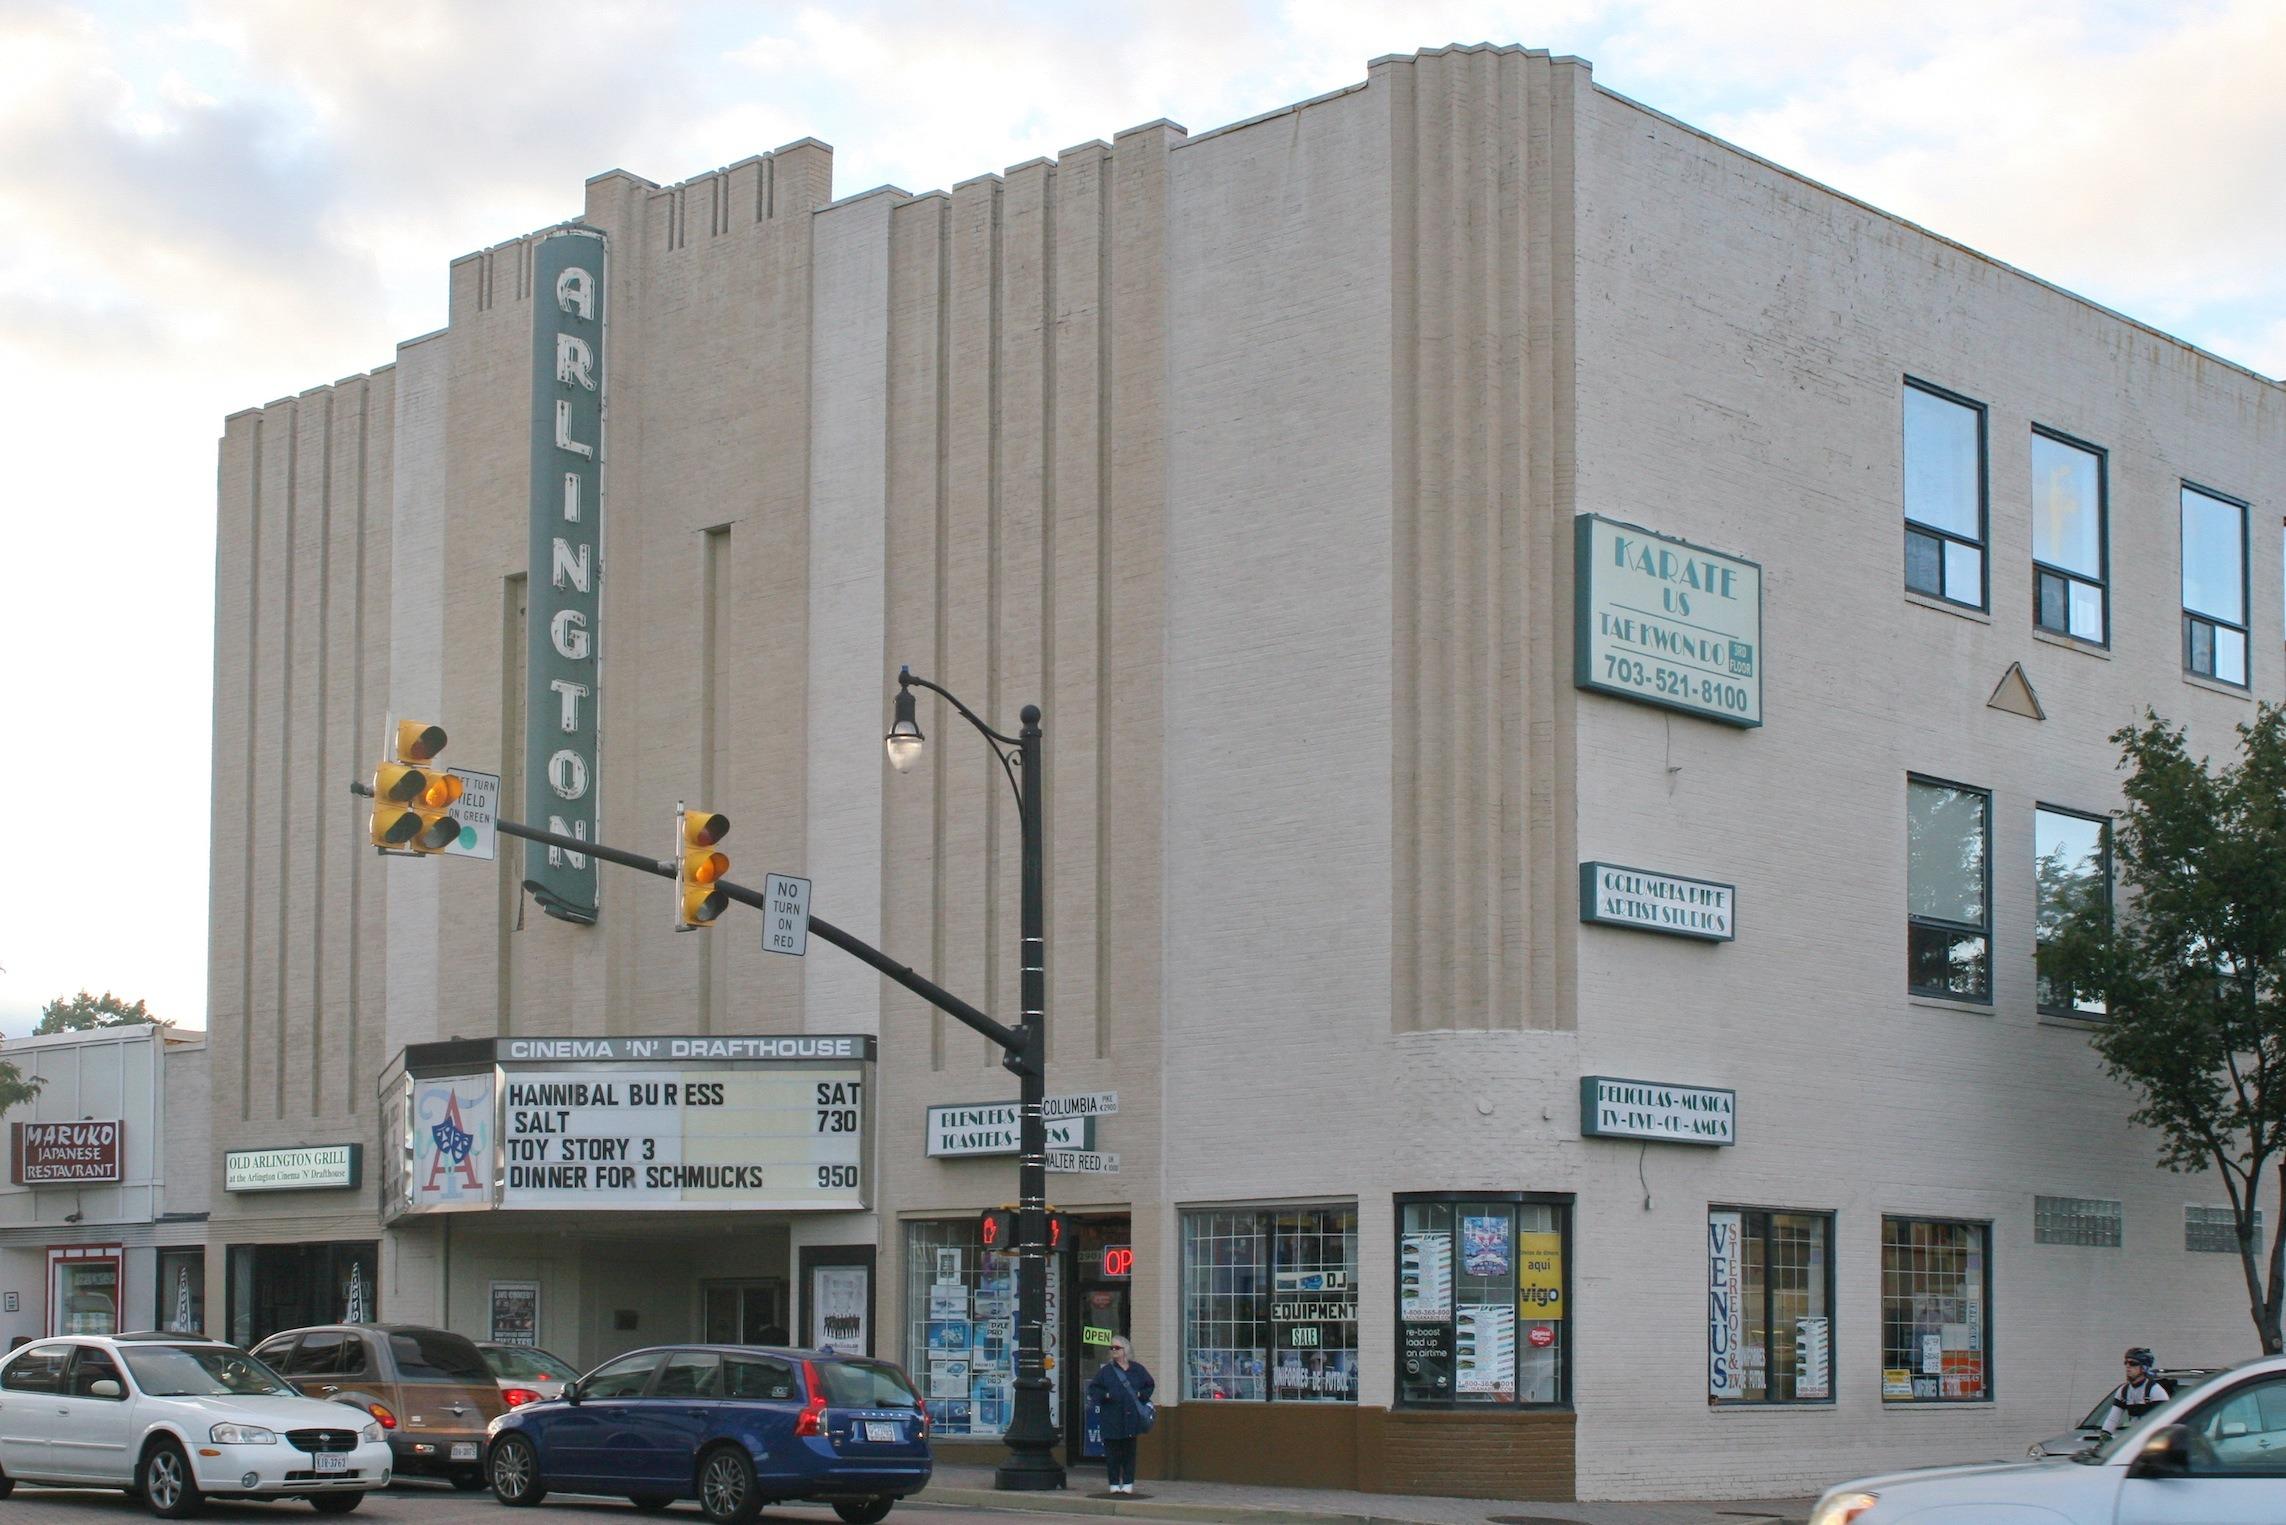 Do dinner and a movie at the Arlington Cinema & Drafthouse